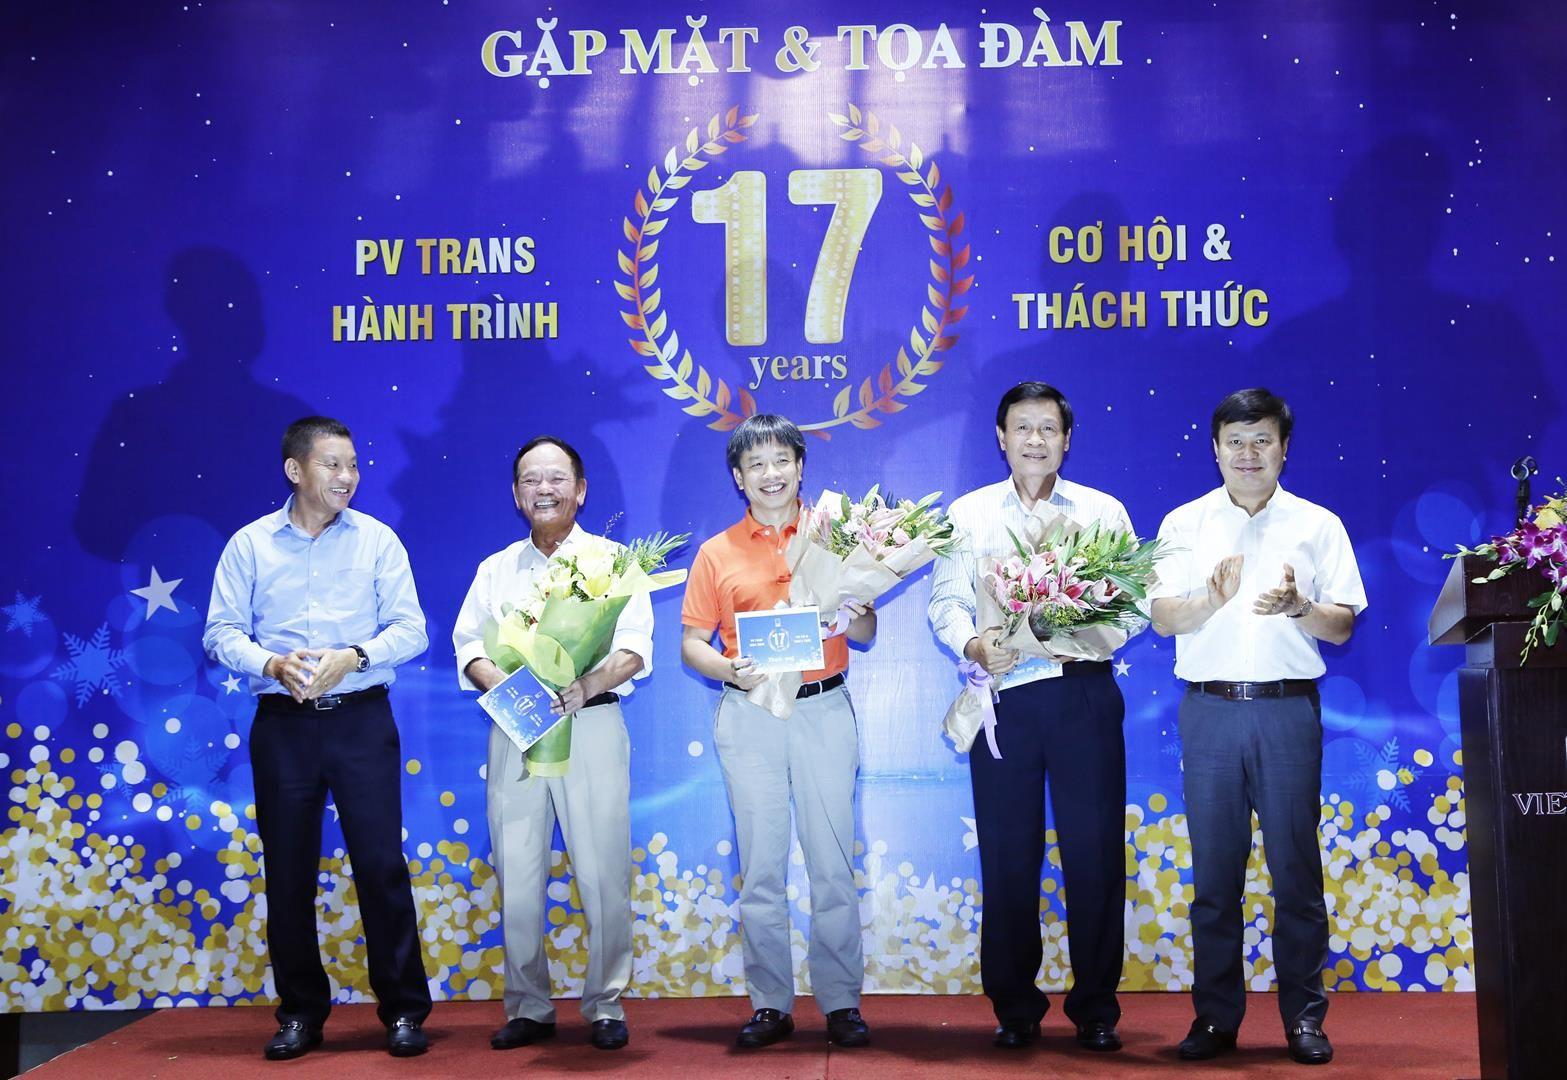 """PVTrans tổ chức buổi gặp mặt và tọa đàm """"PVTrans hành trình 17 năm cơ hội và thách thức"""""""